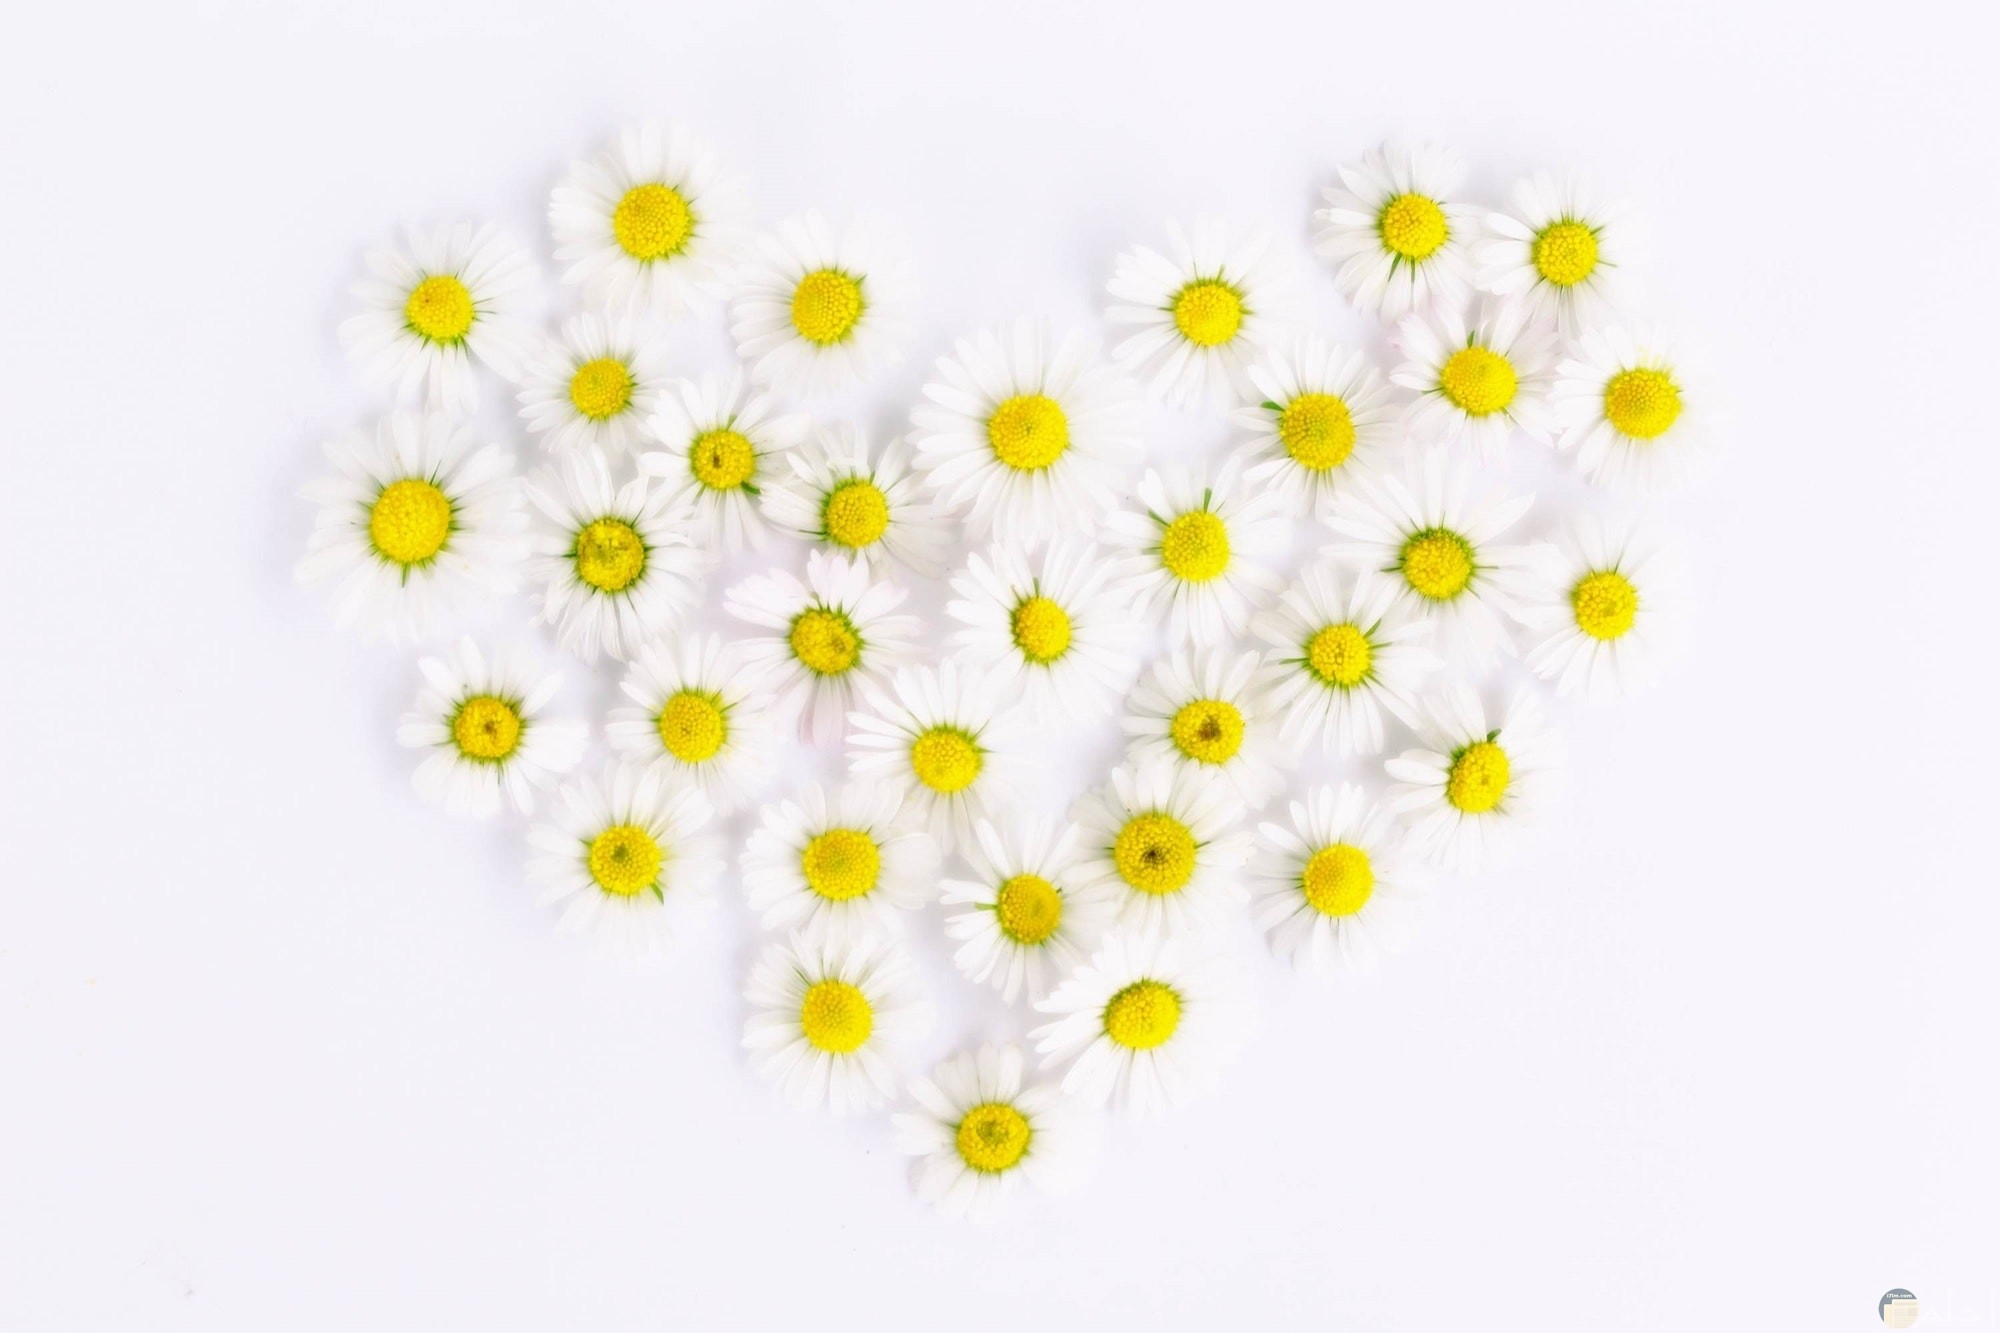 صورة جميلة جدا لقلب من الورود البيضاء مع خلفية فاتحة